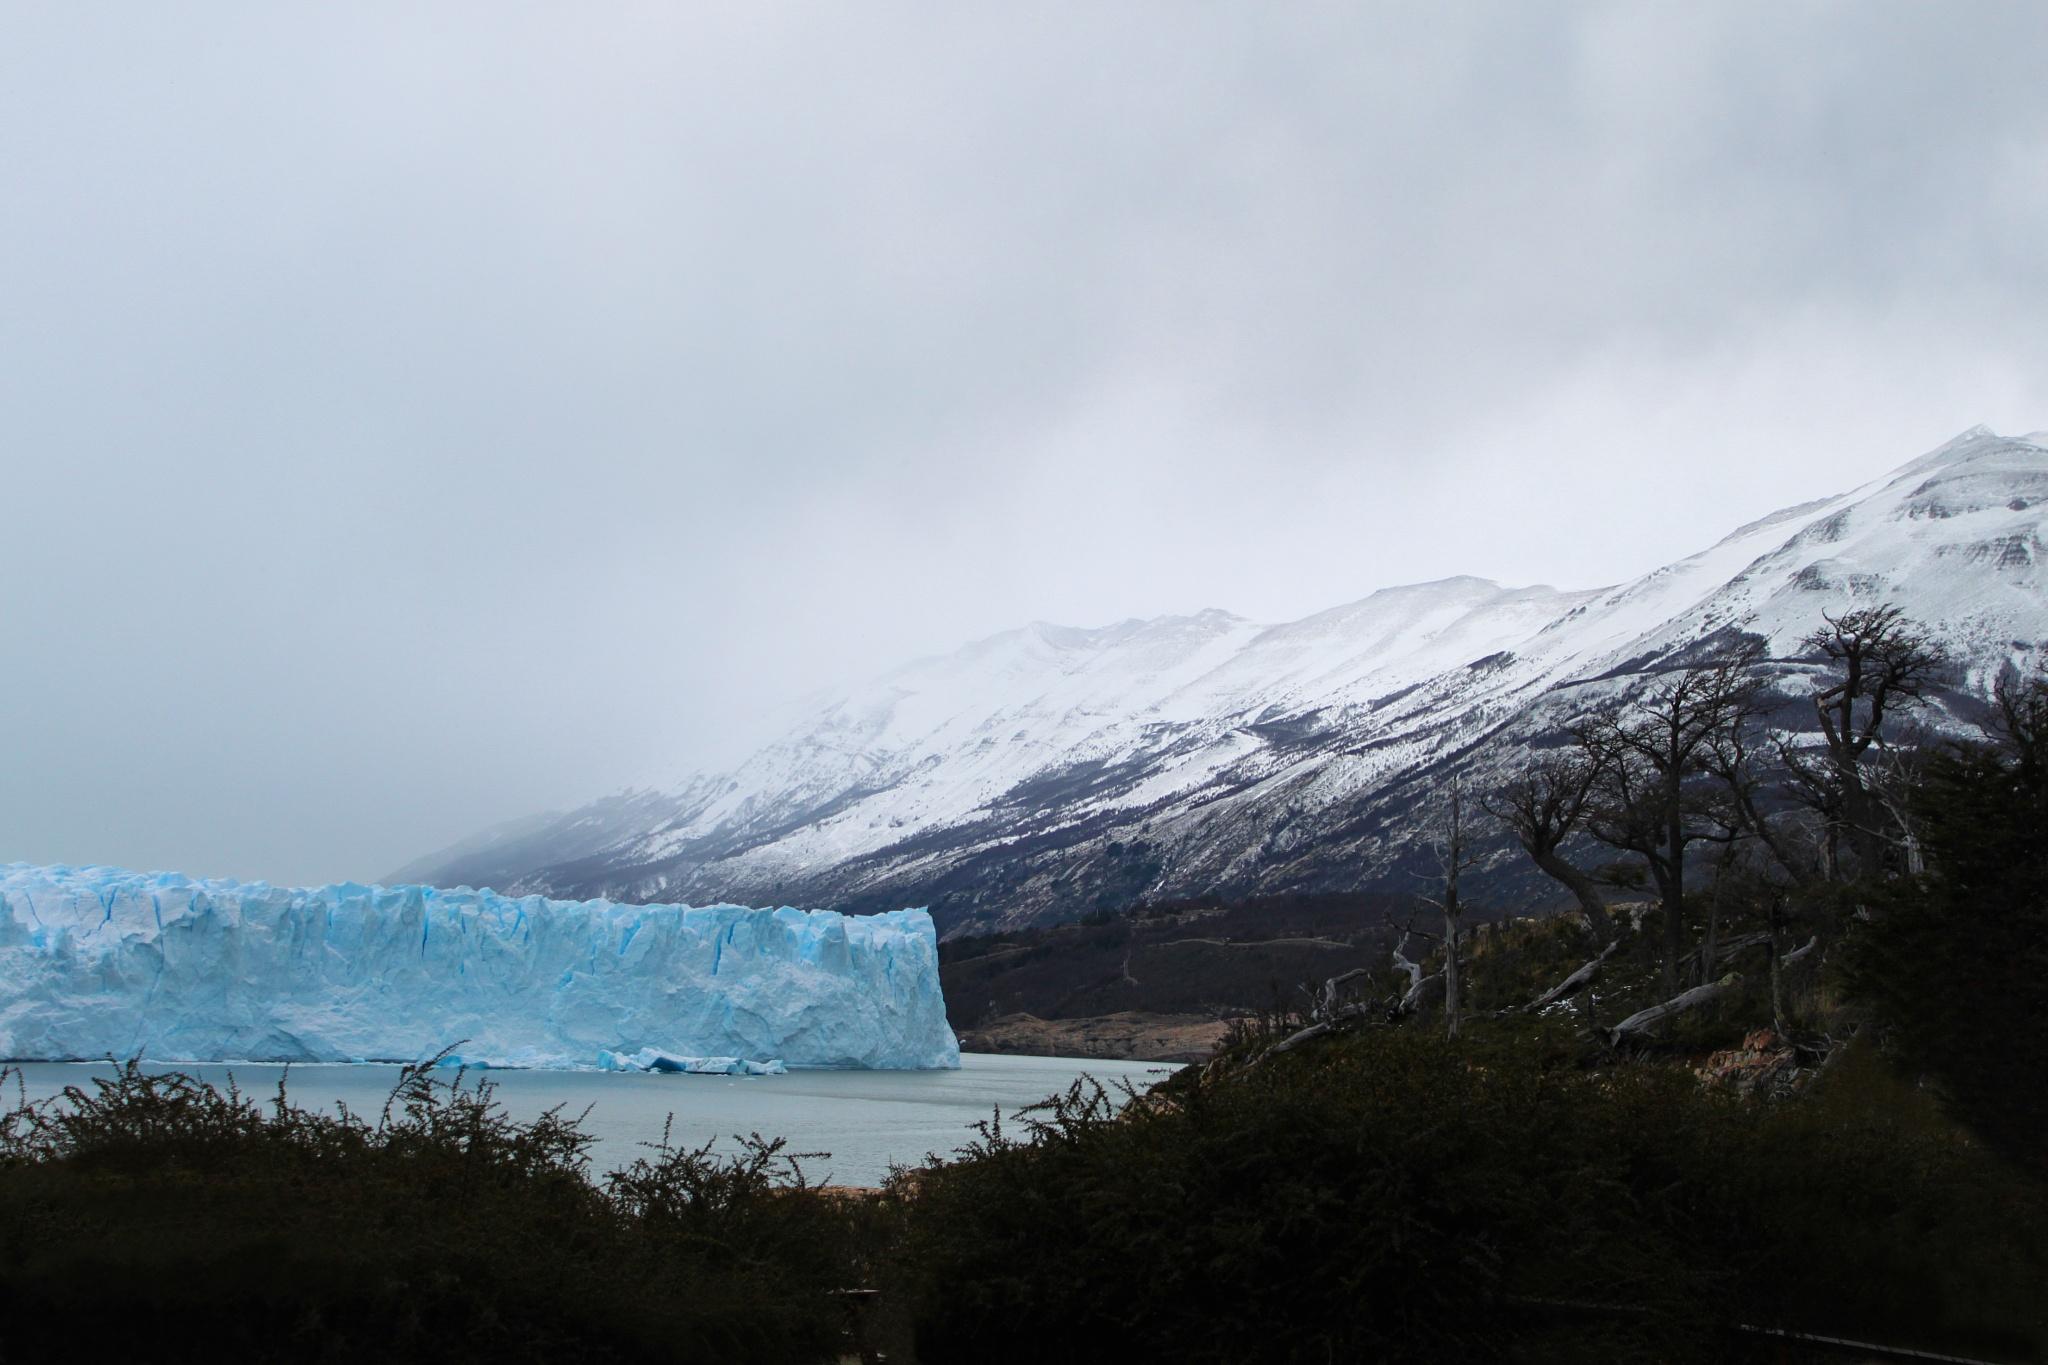 Perito Moreno Glacier - Patagonia Argentina by Roy Santiago Calle